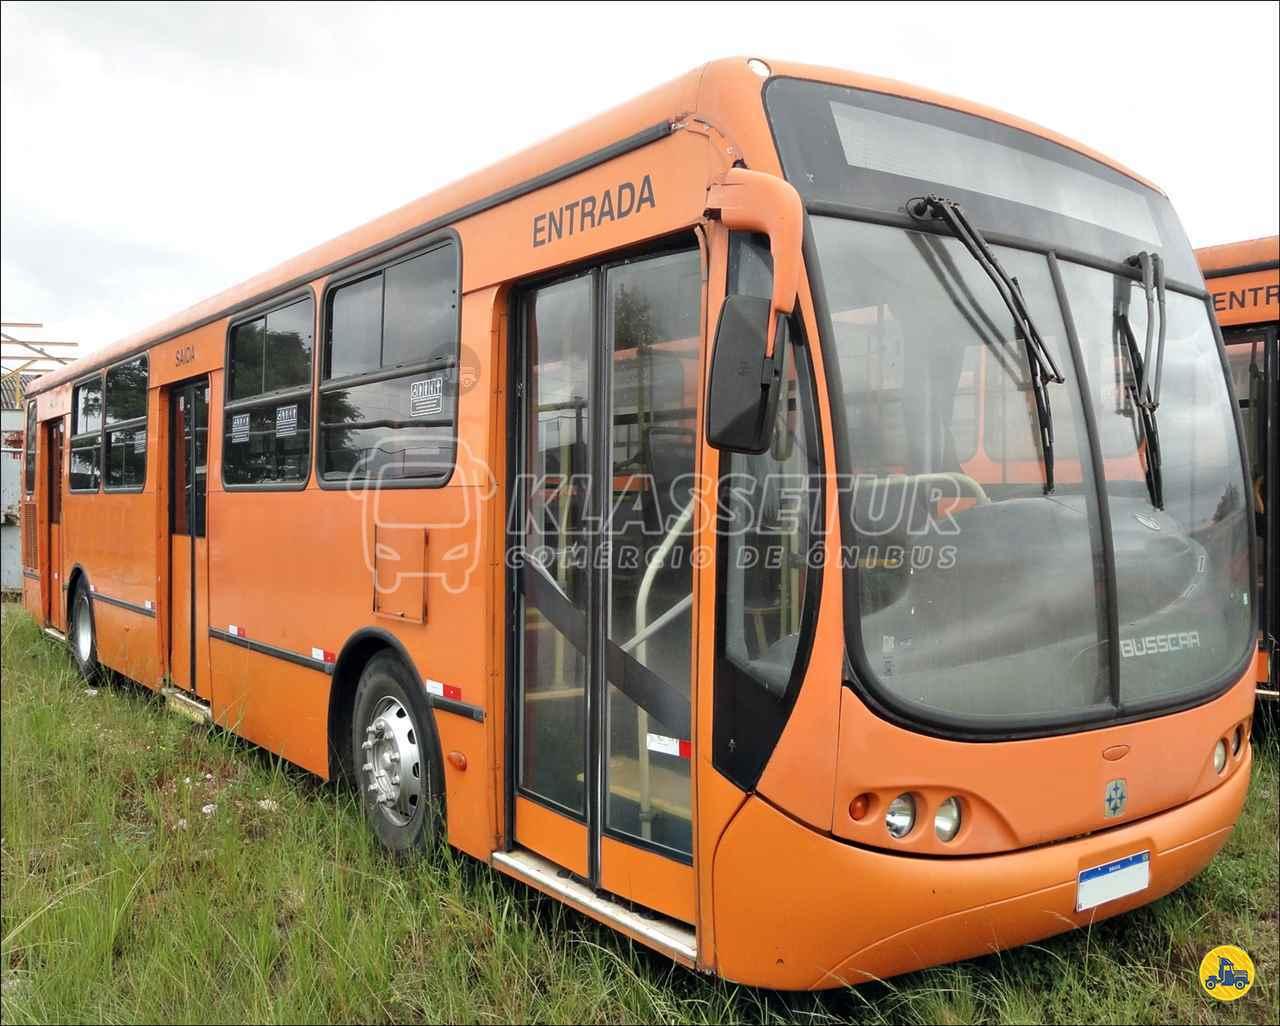 Urbanuss Pluss de Klassetur Comércio de Ônibus - CURITIBA/PR